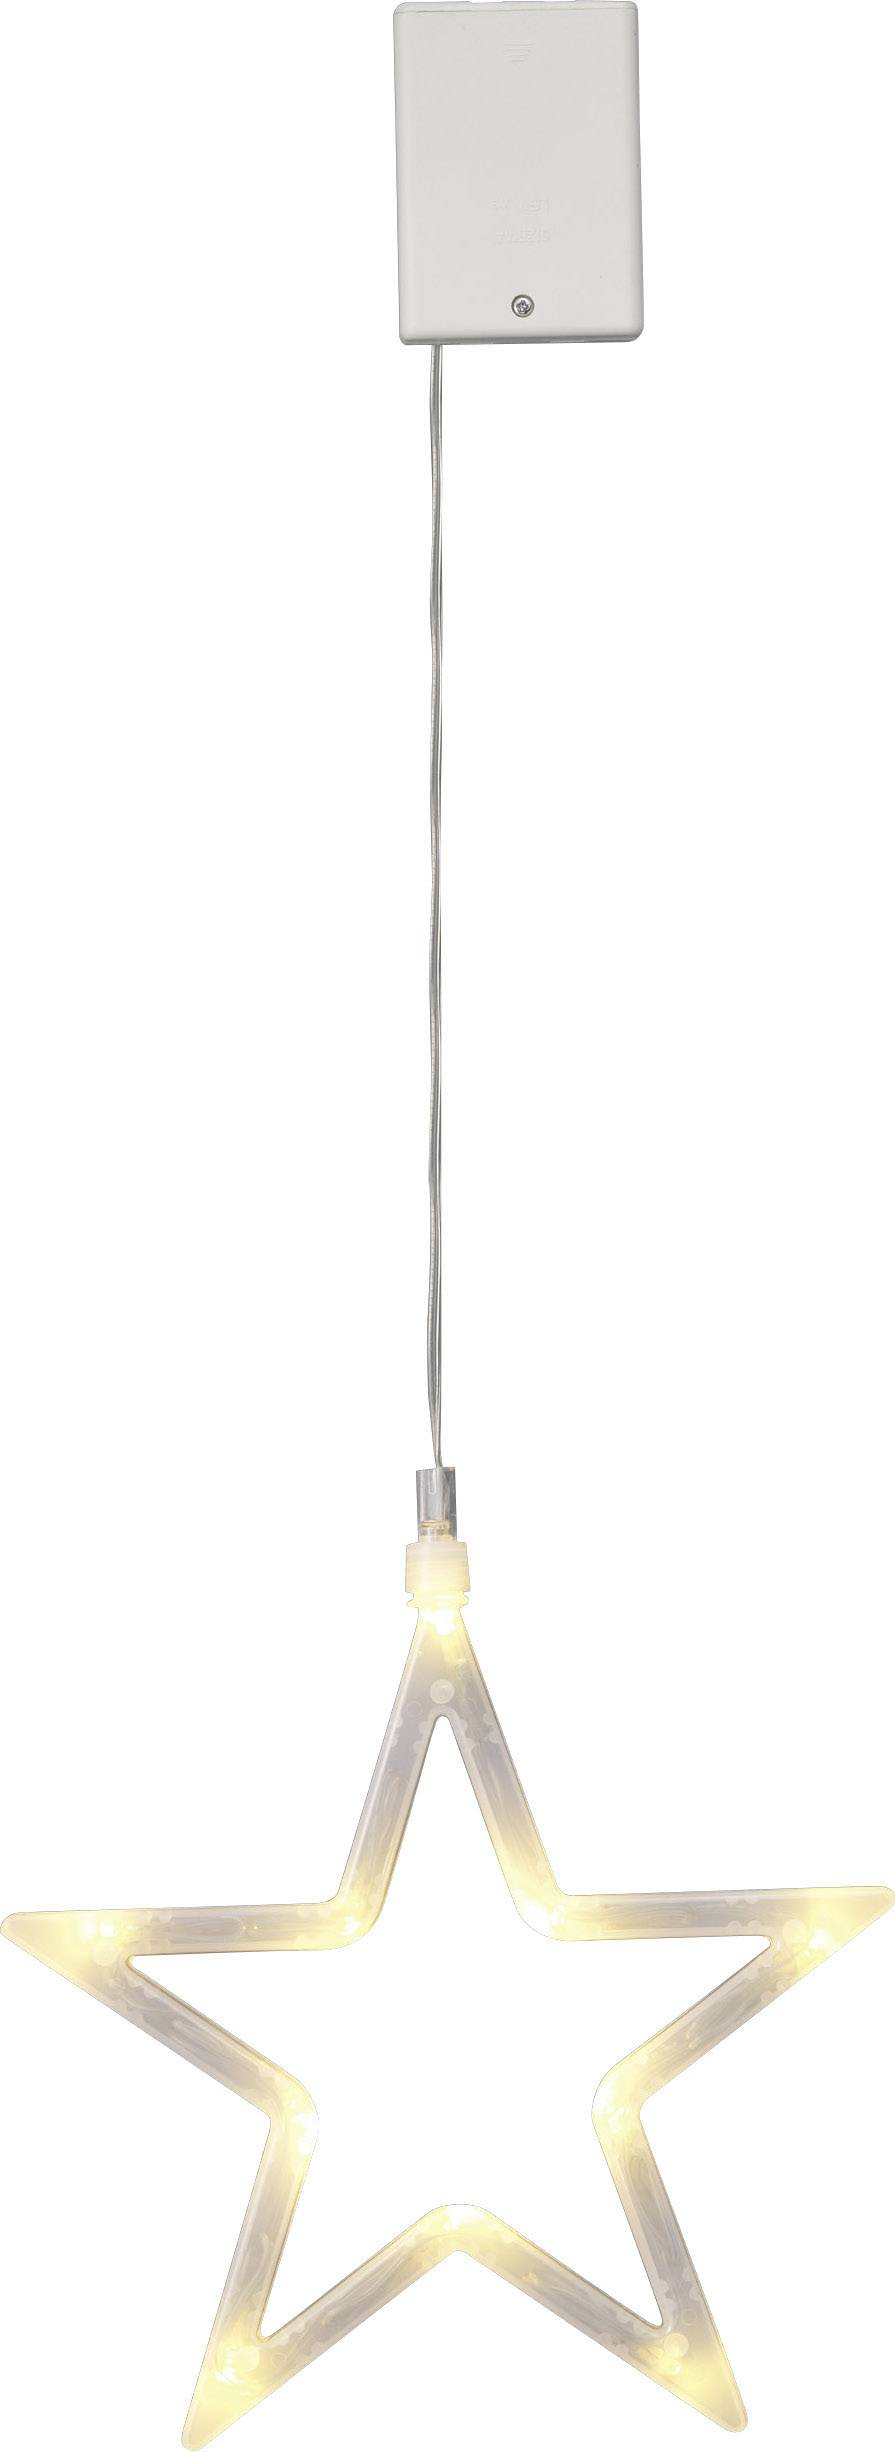 Hviezda LED vianočná dekorácia Polarlite LBA-50-012, priehľadná